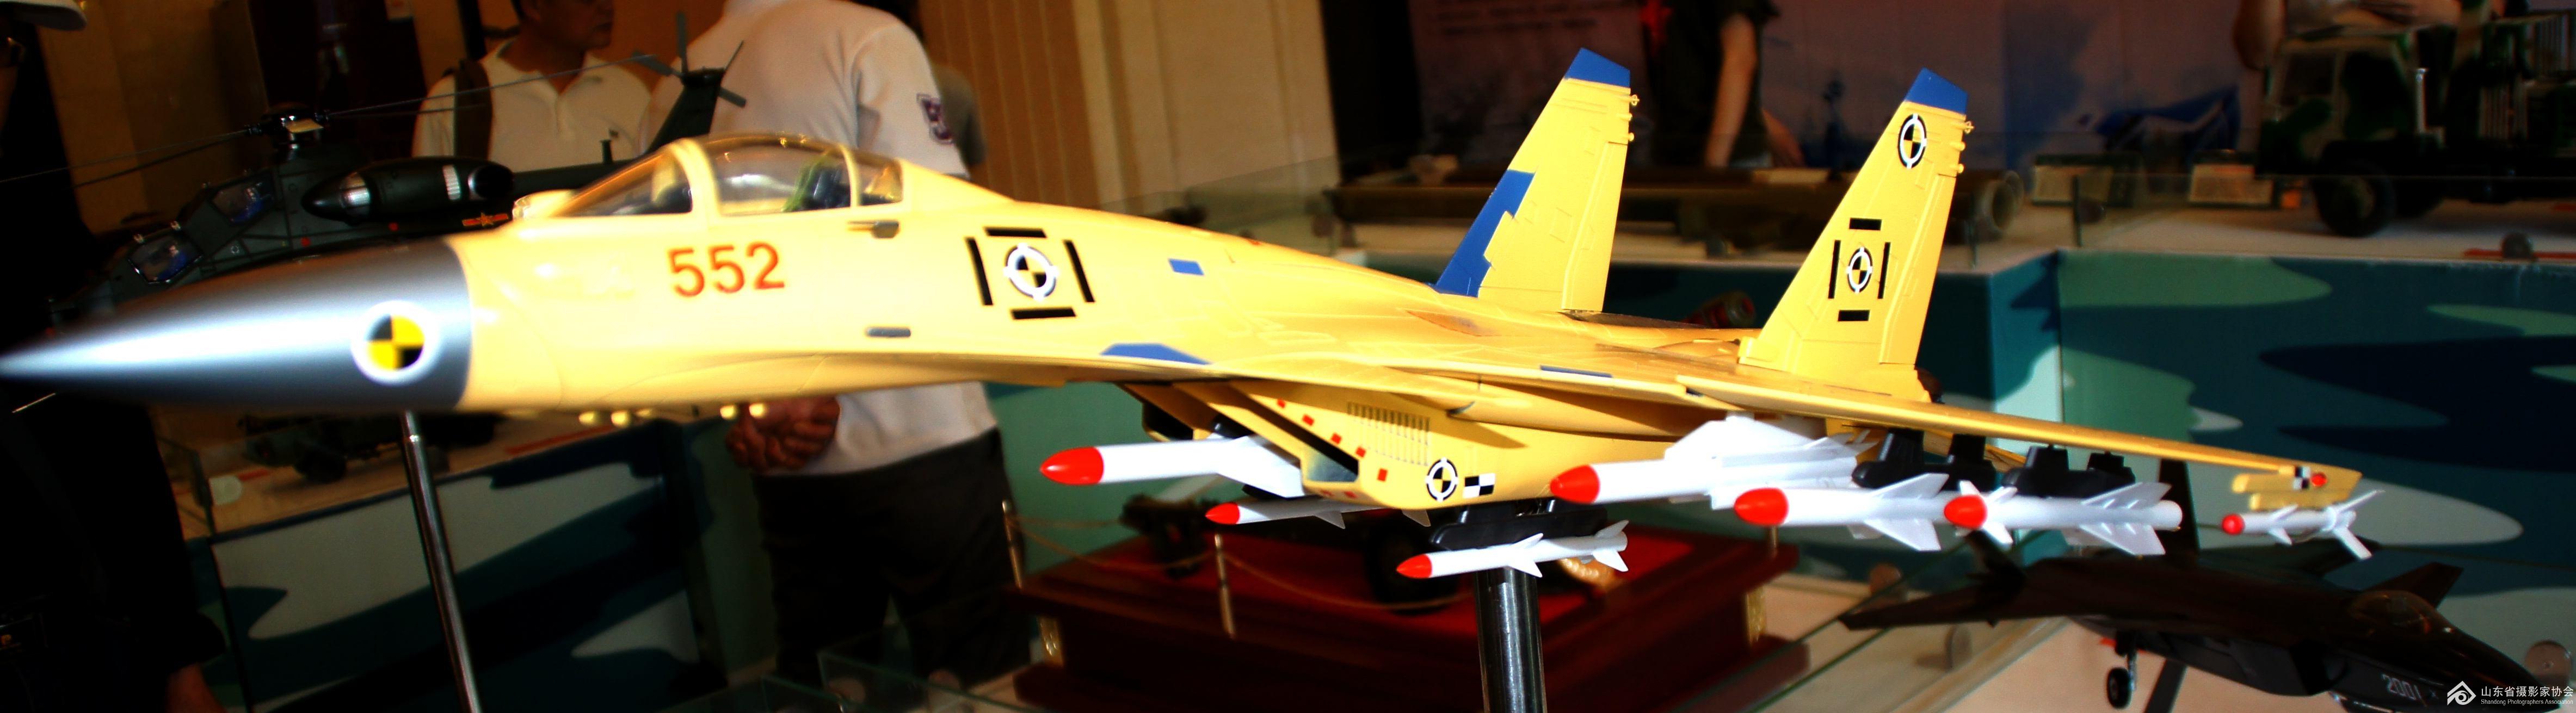 飞机模型-01-1280.jpg